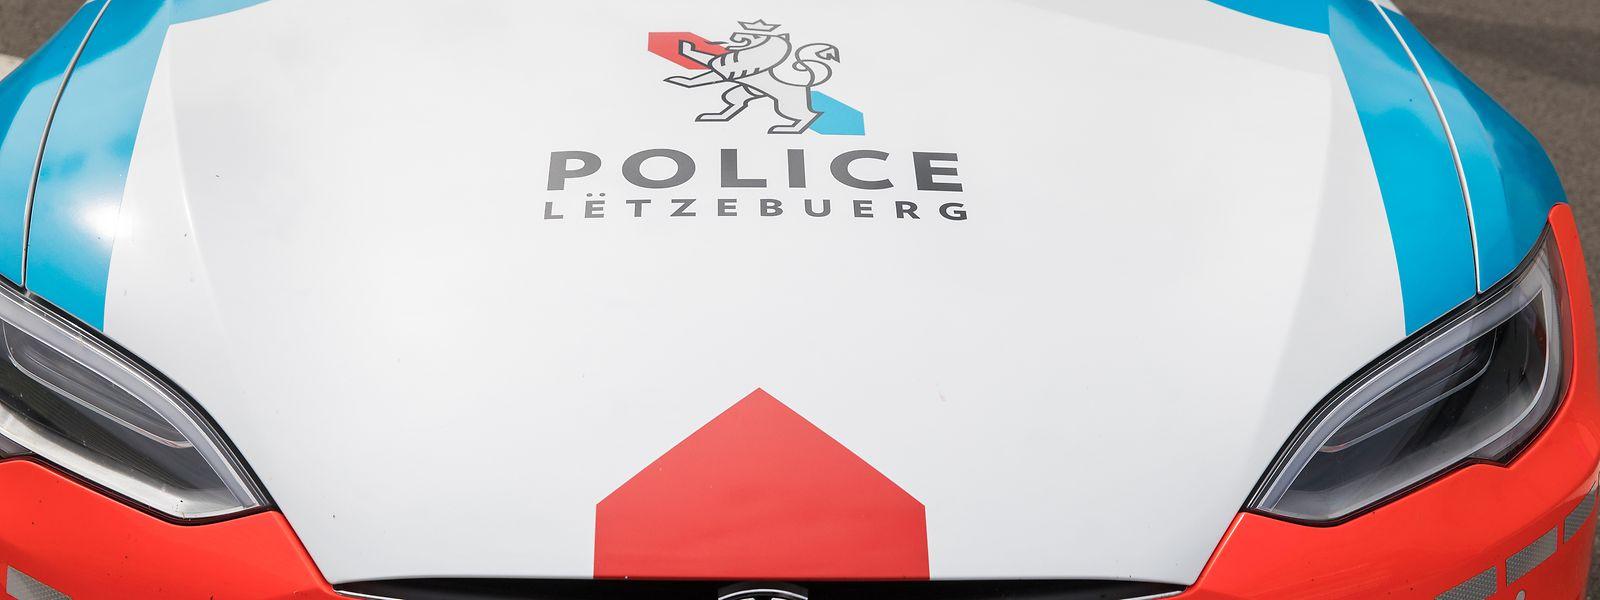 Die Polizei stoppte auch mehrere betrunkene Fahrer.